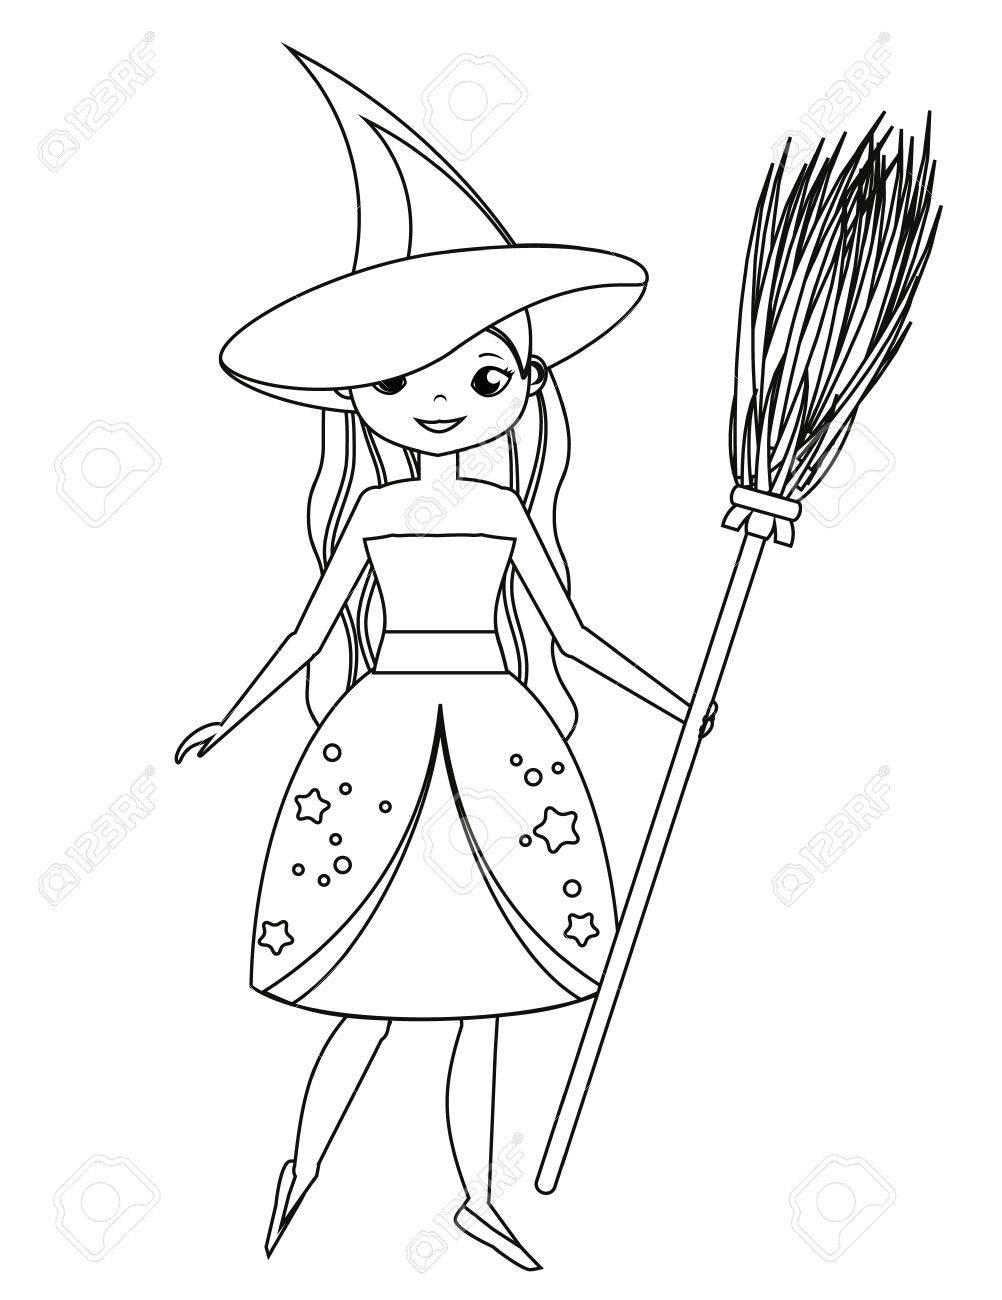 Malvorlage Für Kinder Nette Hexe Die Besen Hält Mädchen Im